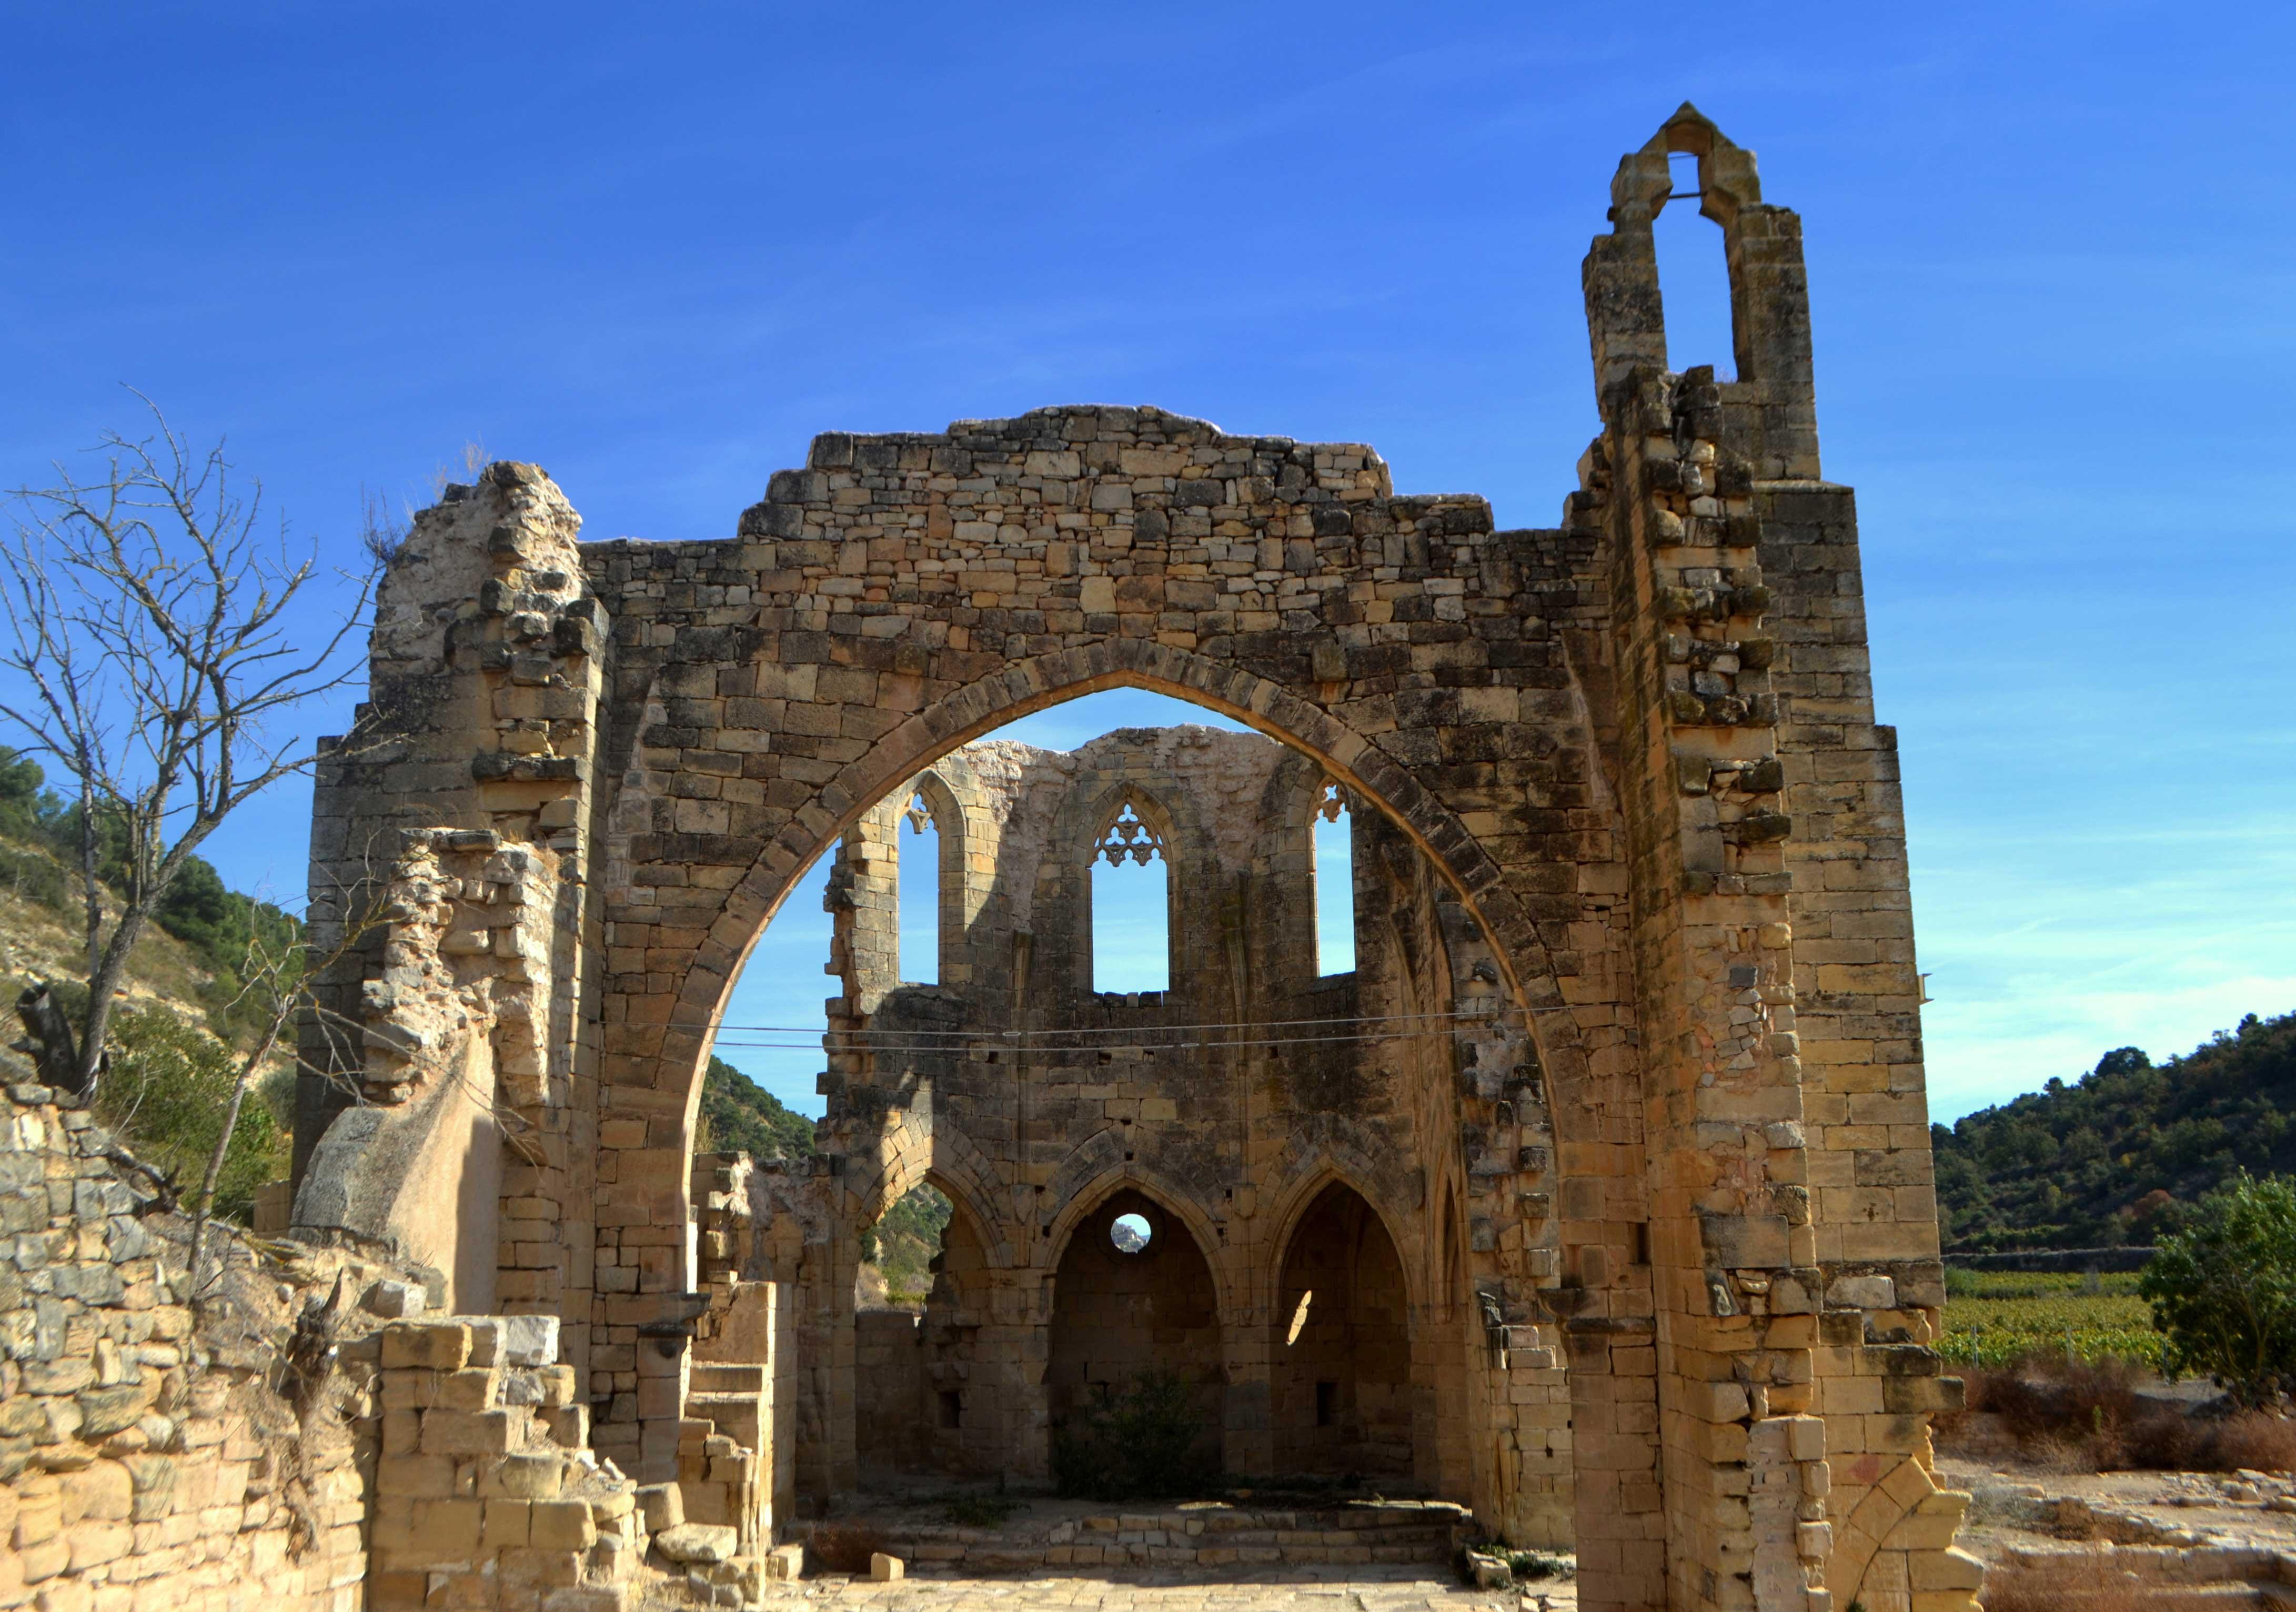 Escapada por pueblos medievales, Monasterio de Vallsanta (Guimera)